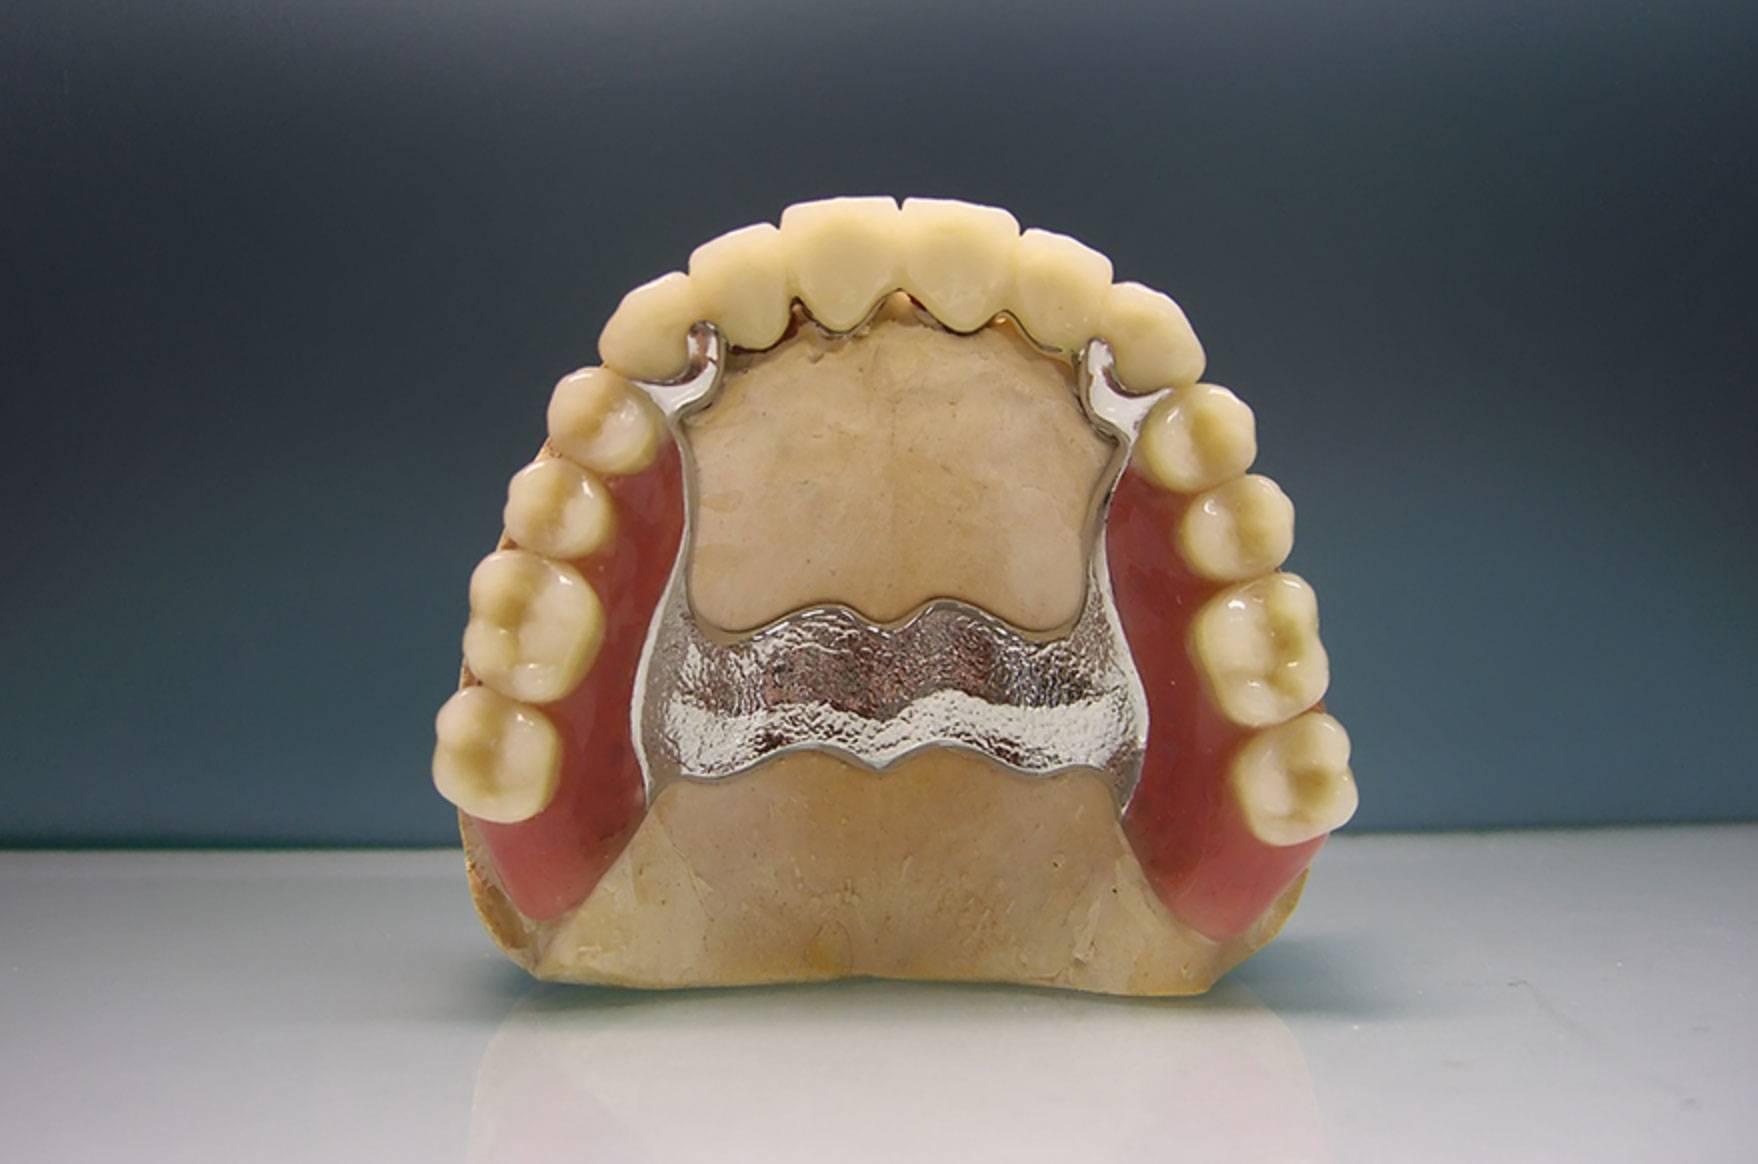 Нейлоновые зубные протезы: отзывы пациентов и стоматологов